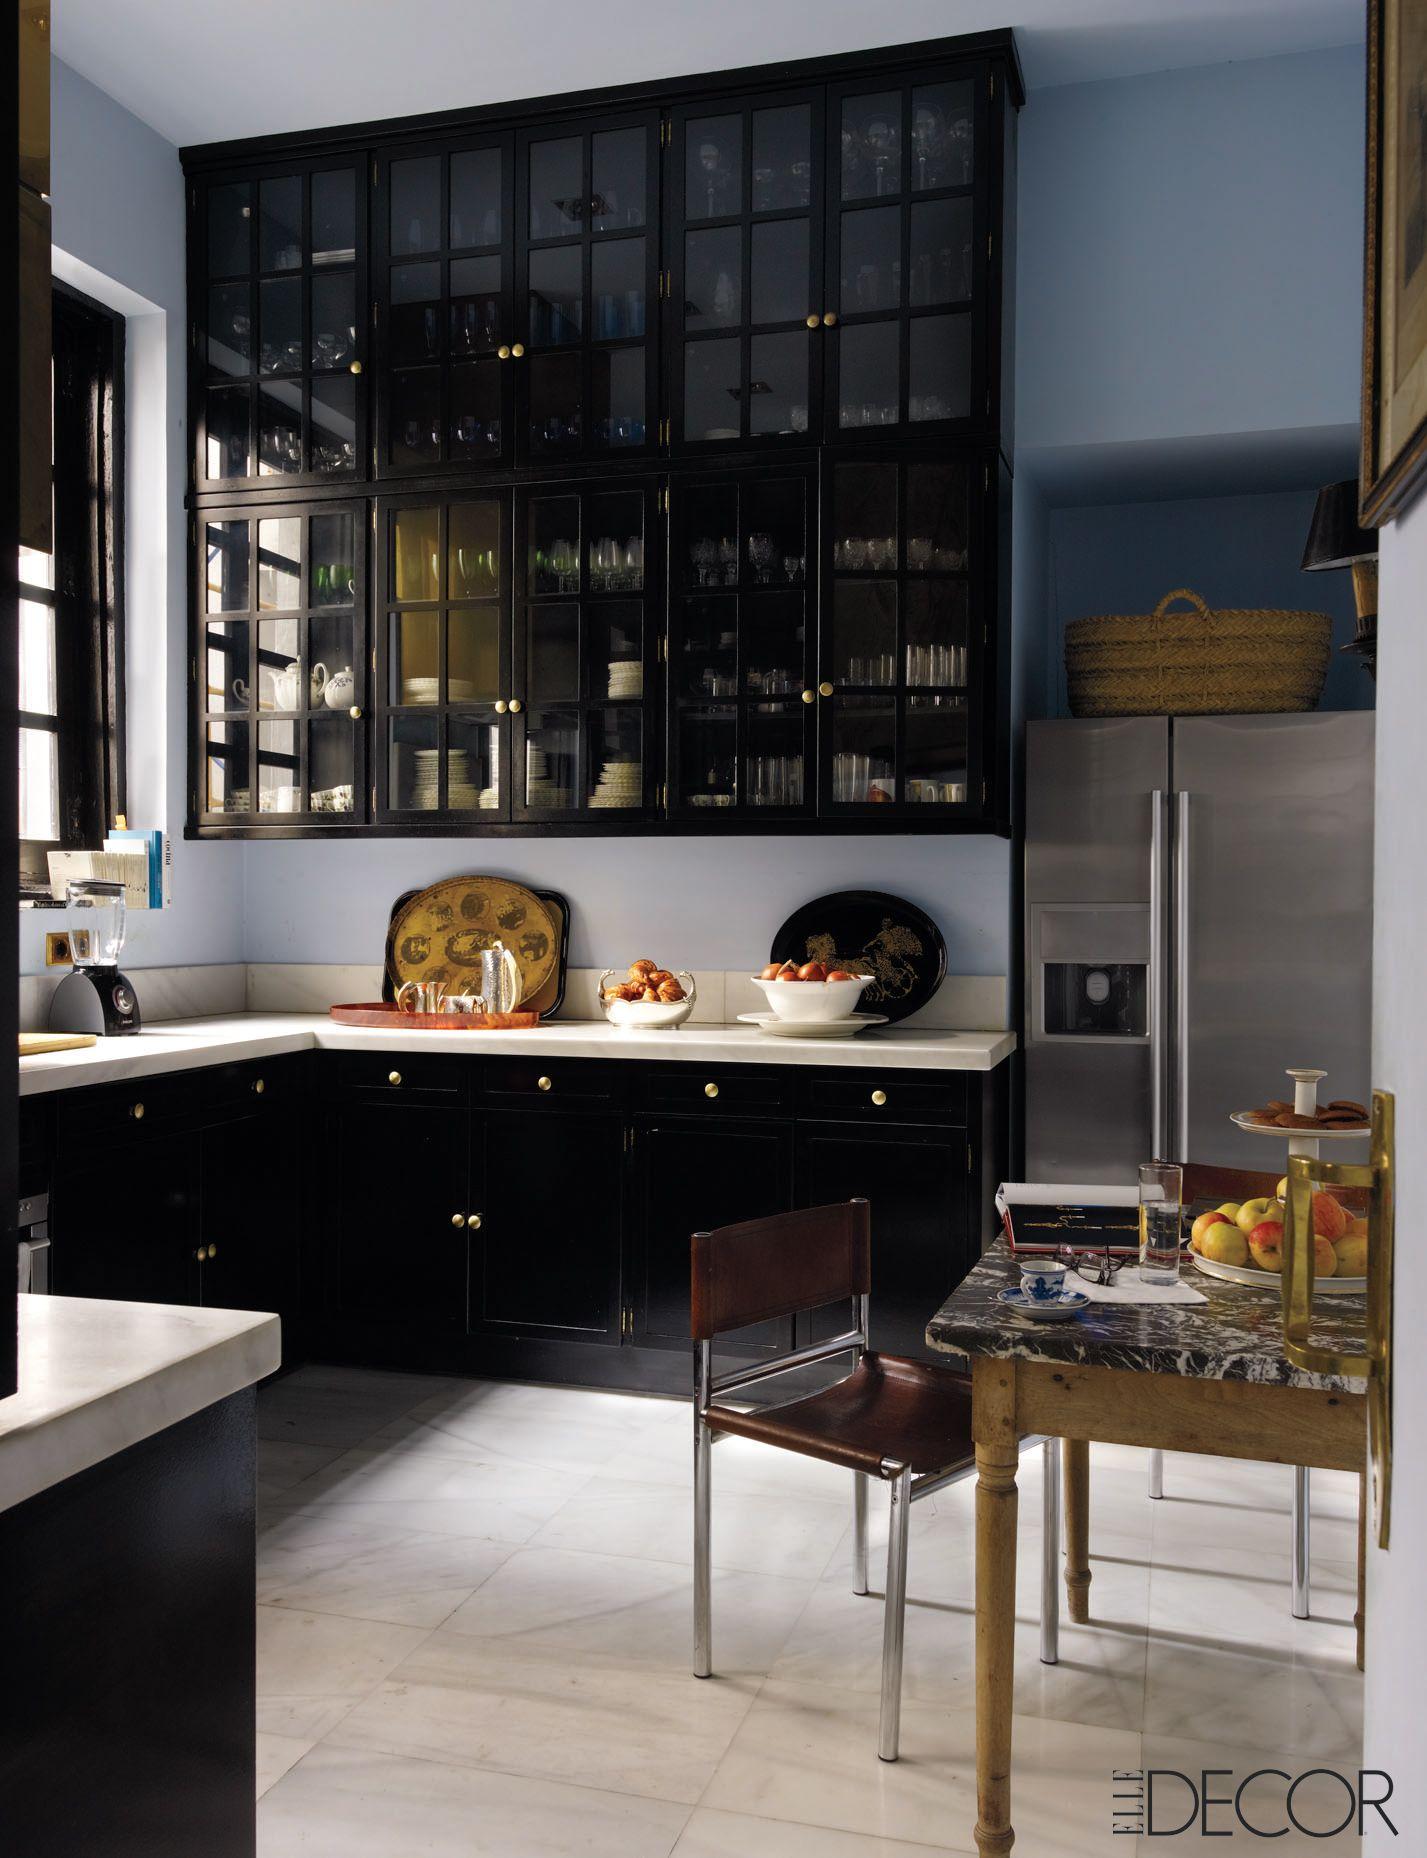 Spanish Conquest Kitchen Interior Kitchen Remodel Interior Design Kitchen